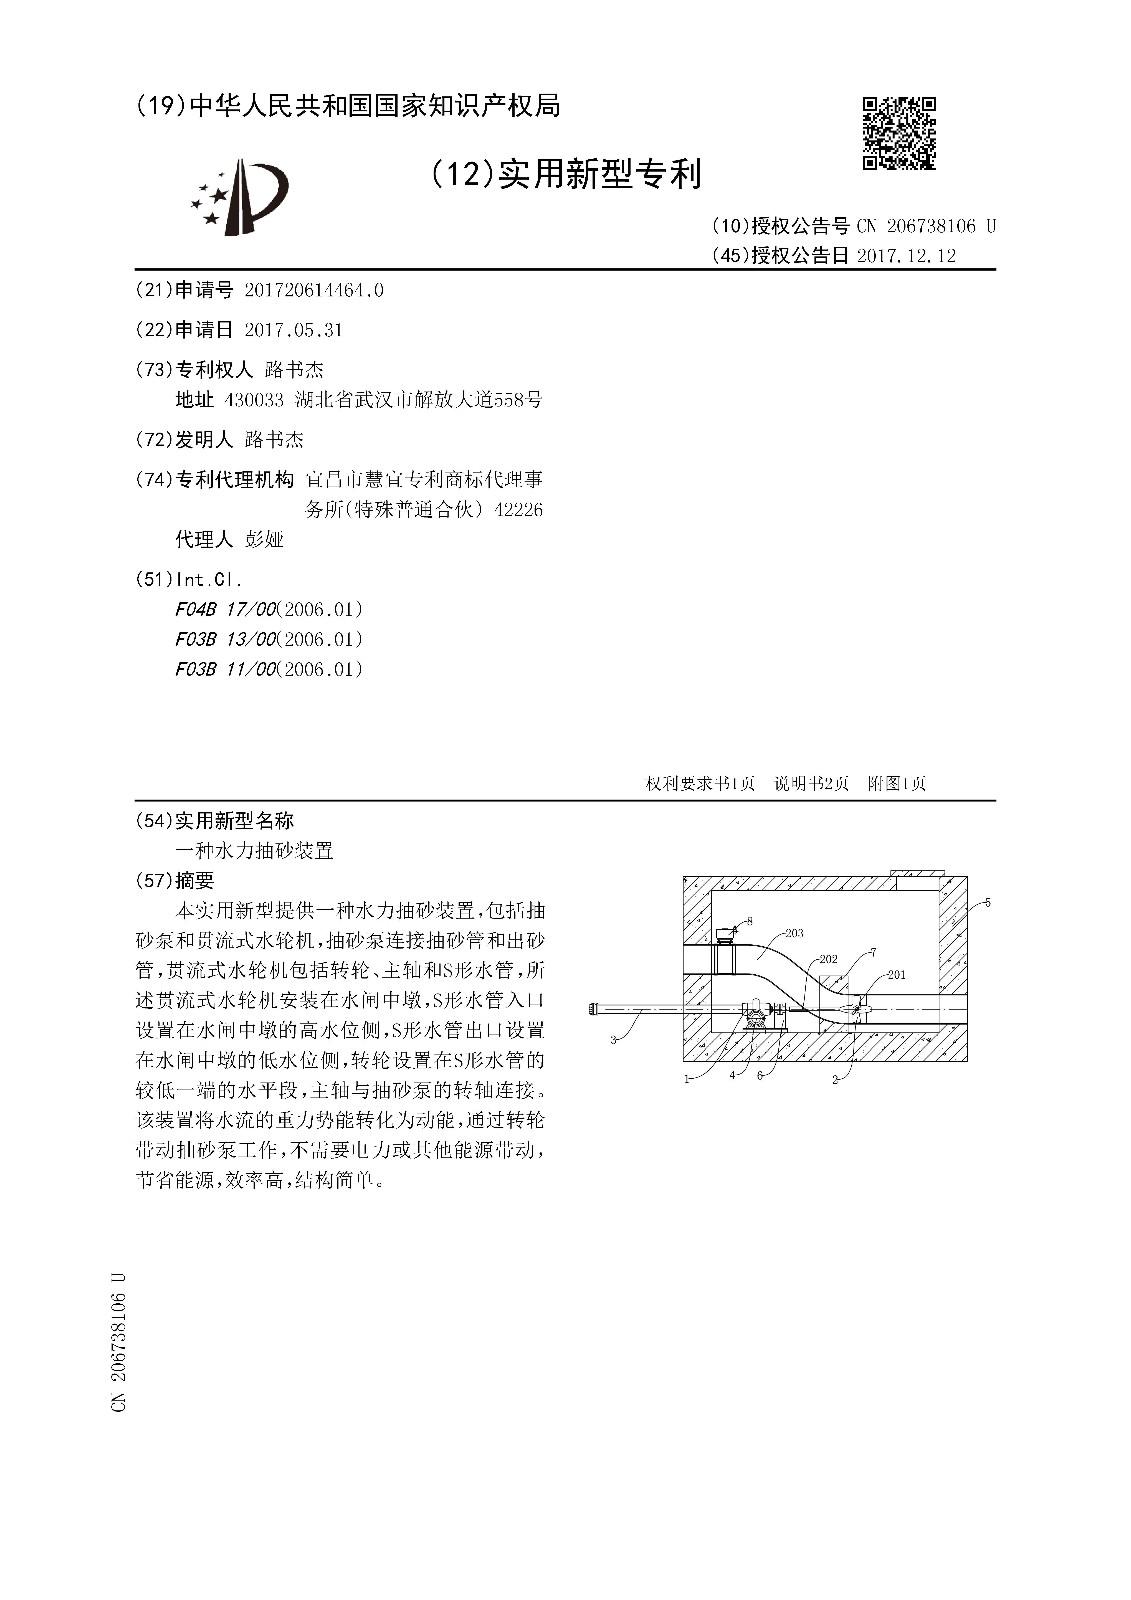 一种水力抽砂装置专利说明1